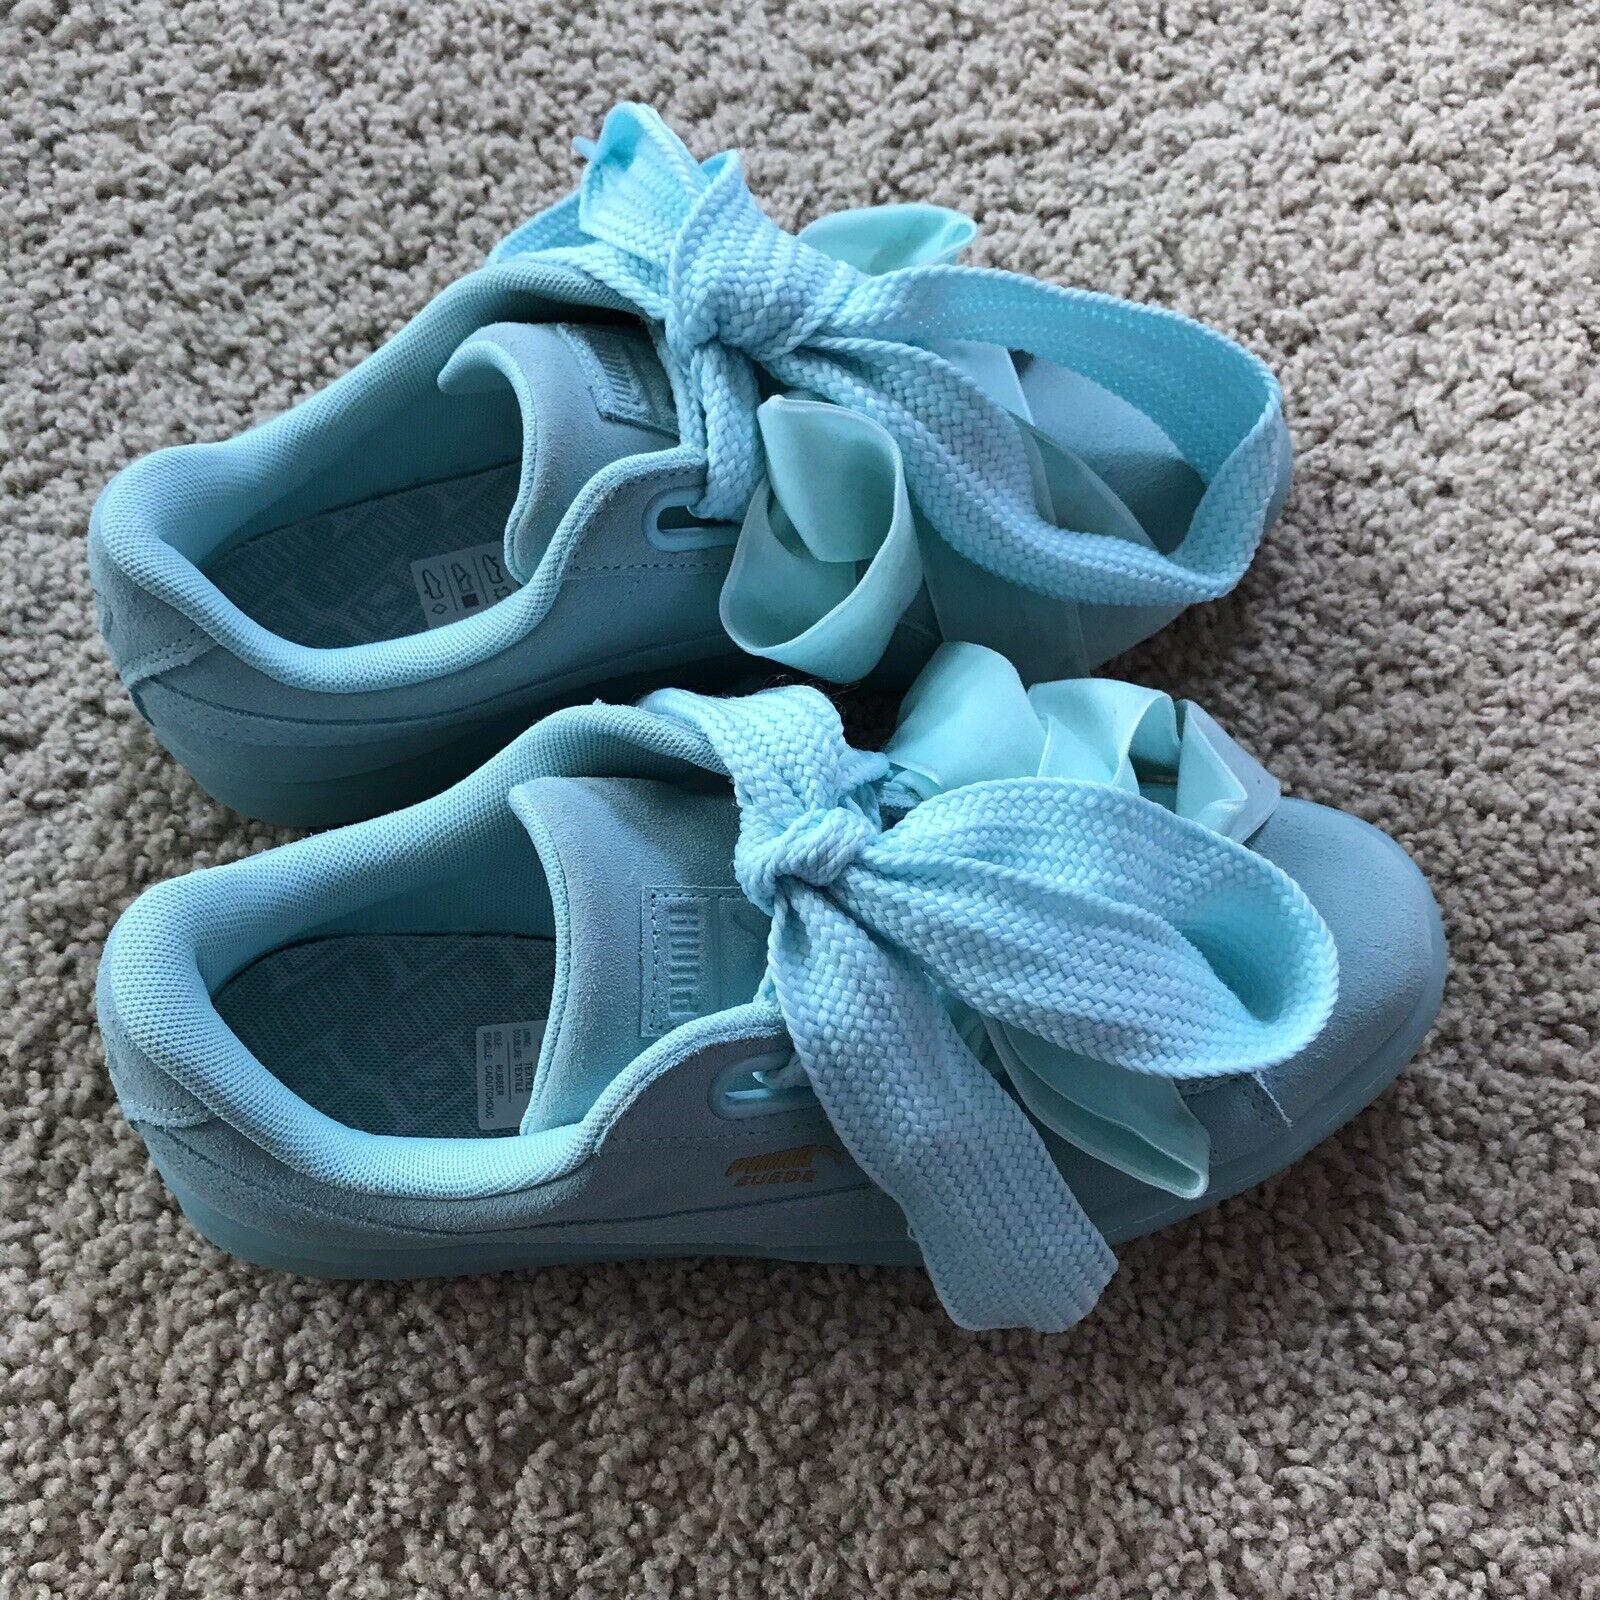 Puma Gamuza Corazón restablecer Zapatillas zapatos atléticos de arco 363229-01 Aqua verde Azulado Nuevo Sin Caja